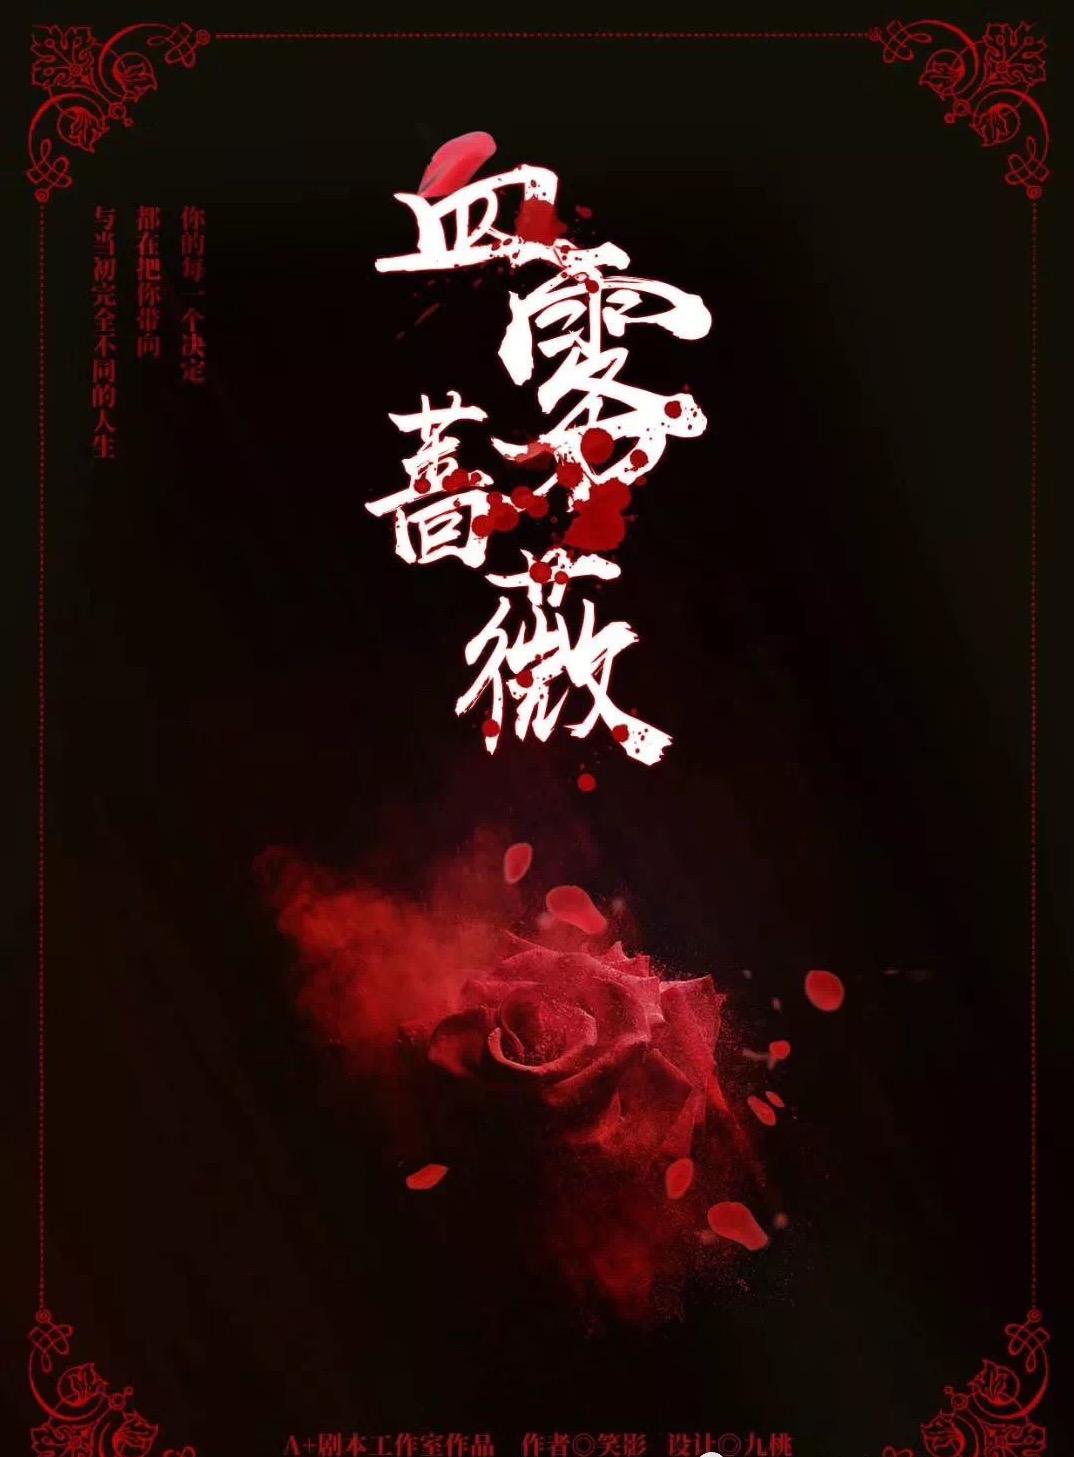 剧本杀血雾蔷薇复盘解析+凶手是谁+手法动机+剧透